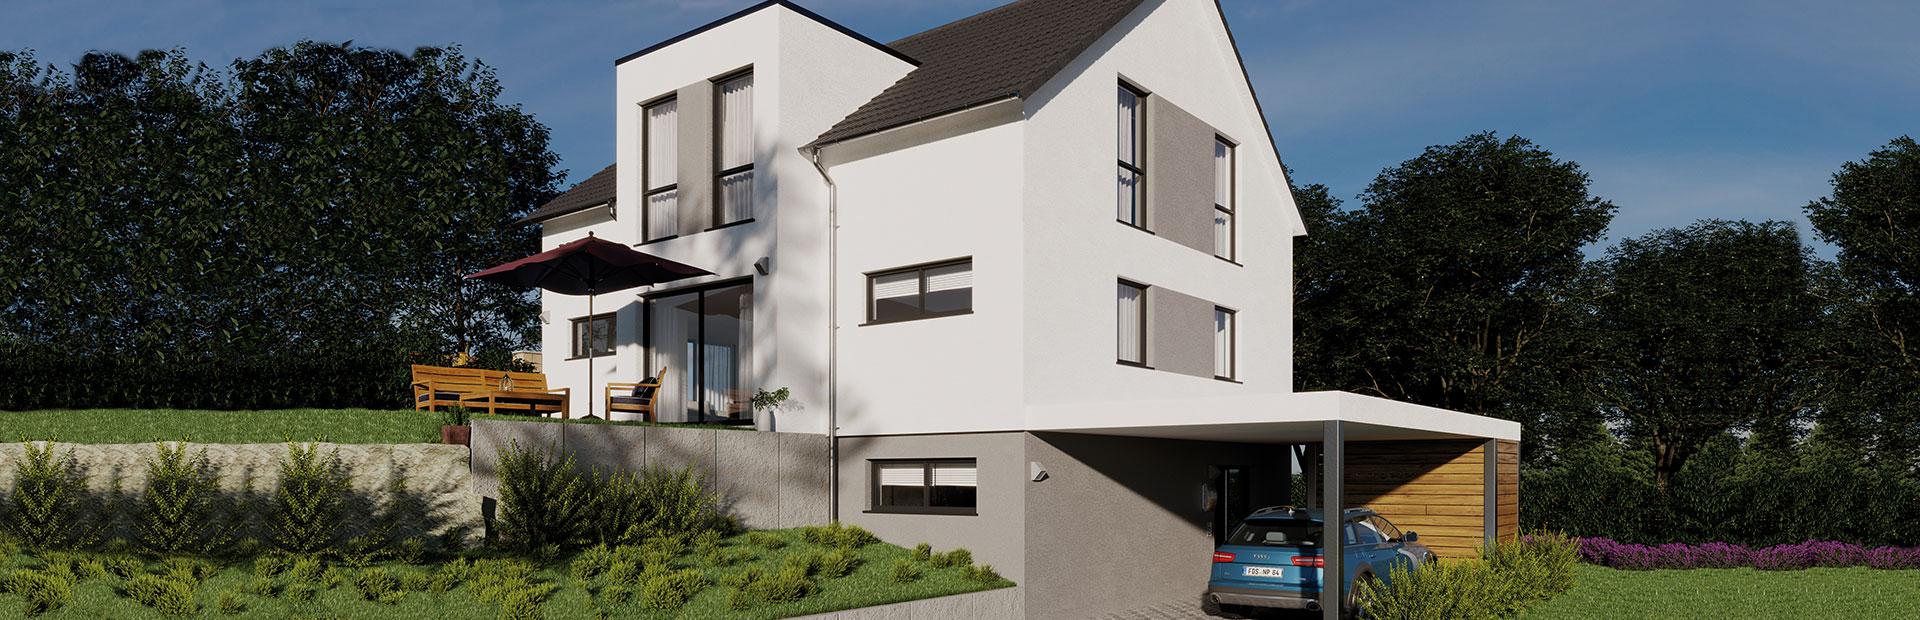 Einfamilienhaus mit Zufahrtsweg zu Grundstück am Hang bauen